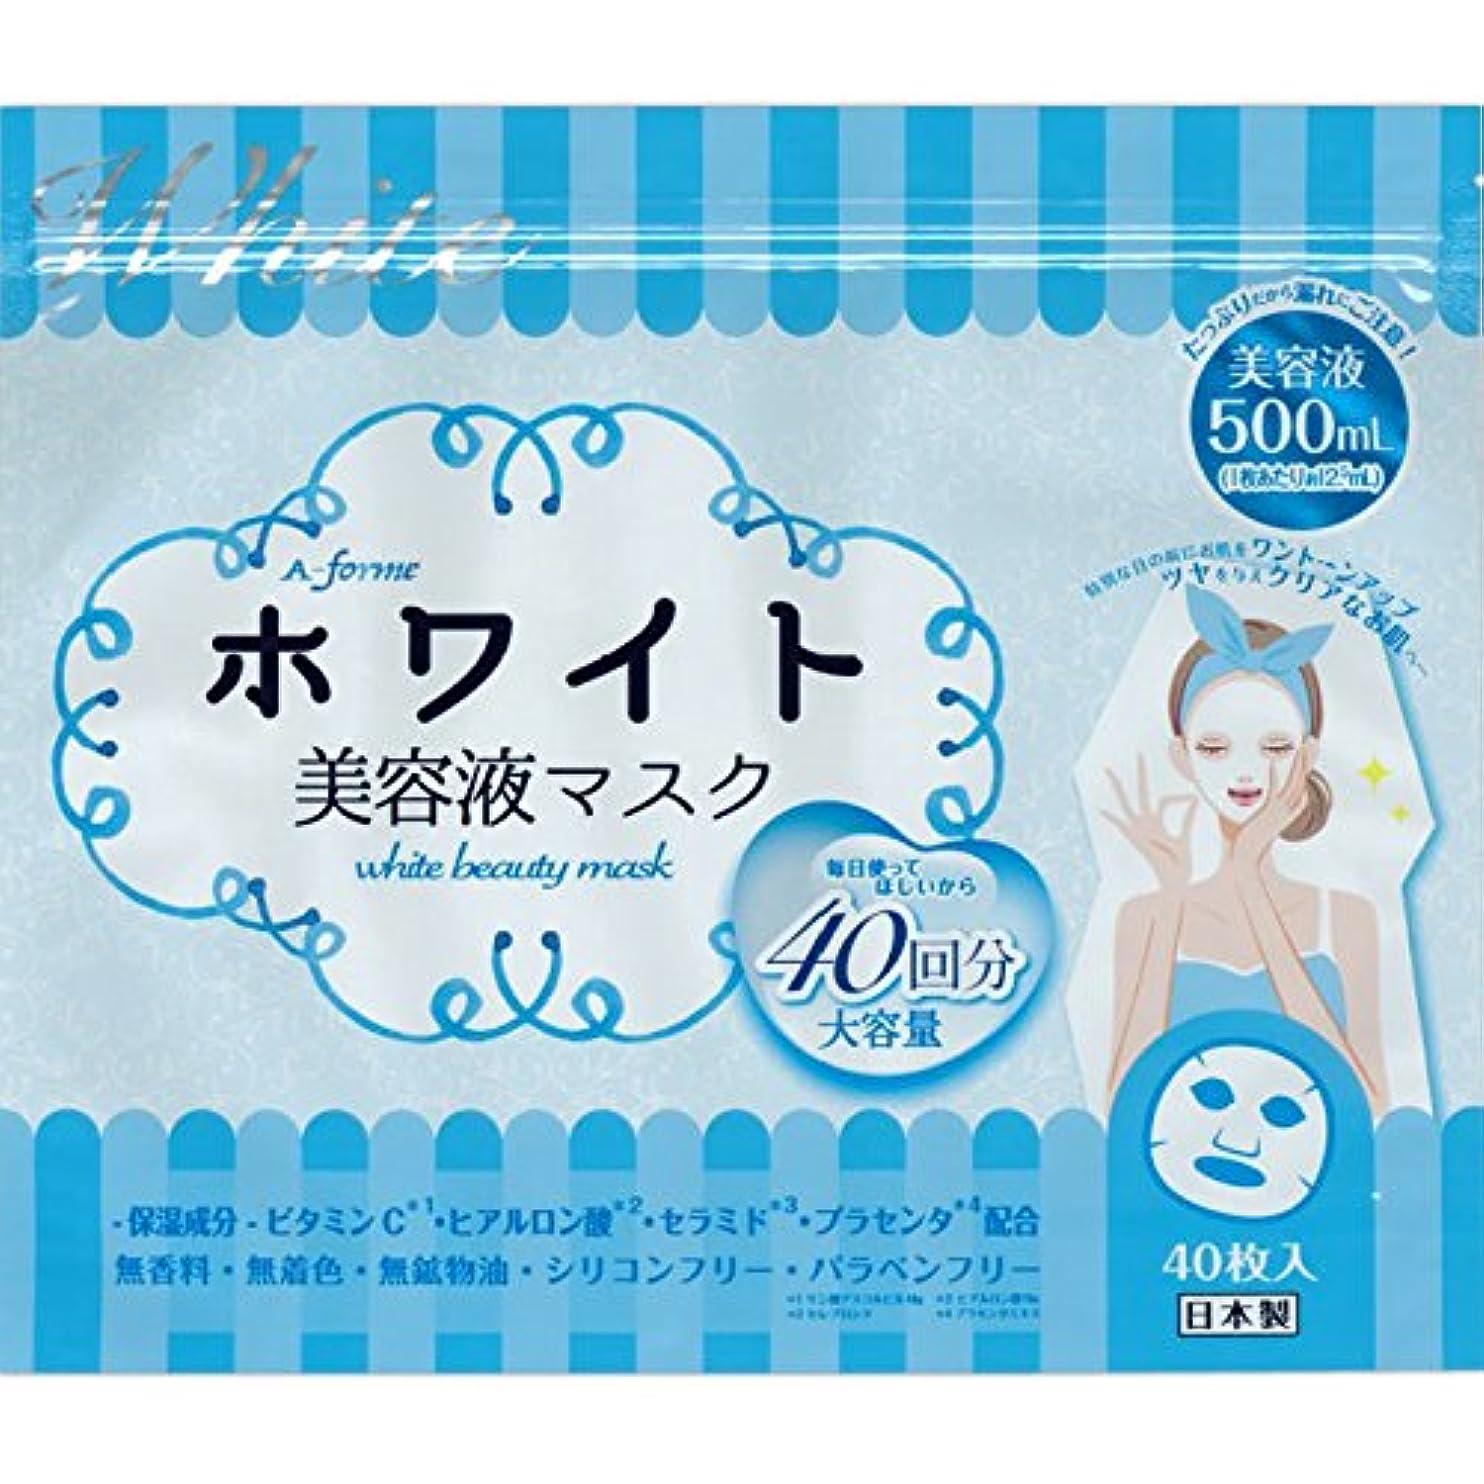 エーフォルム ホワイト美容液マスク40枚×4